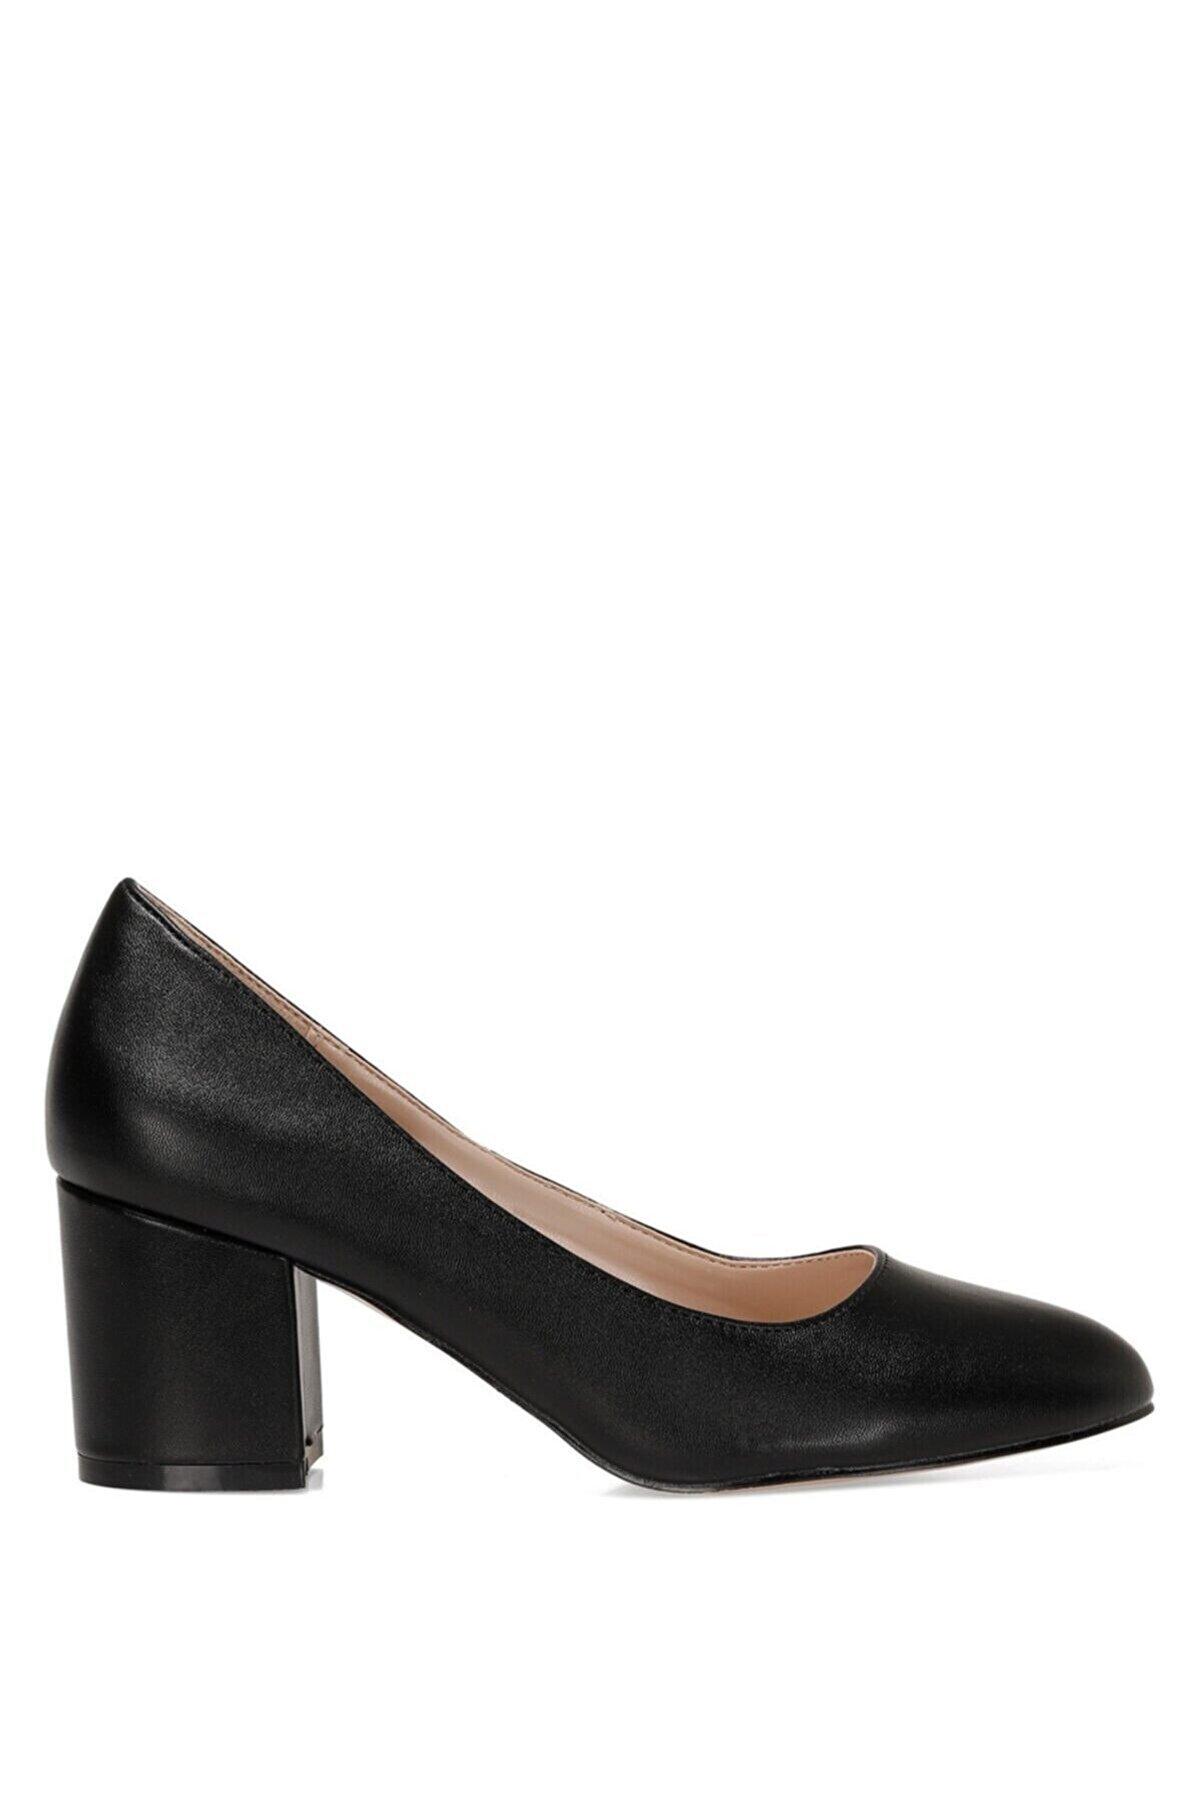 Nine West ULISEN 1FX Siyah Kadın Gova Ayakkabı 101029604